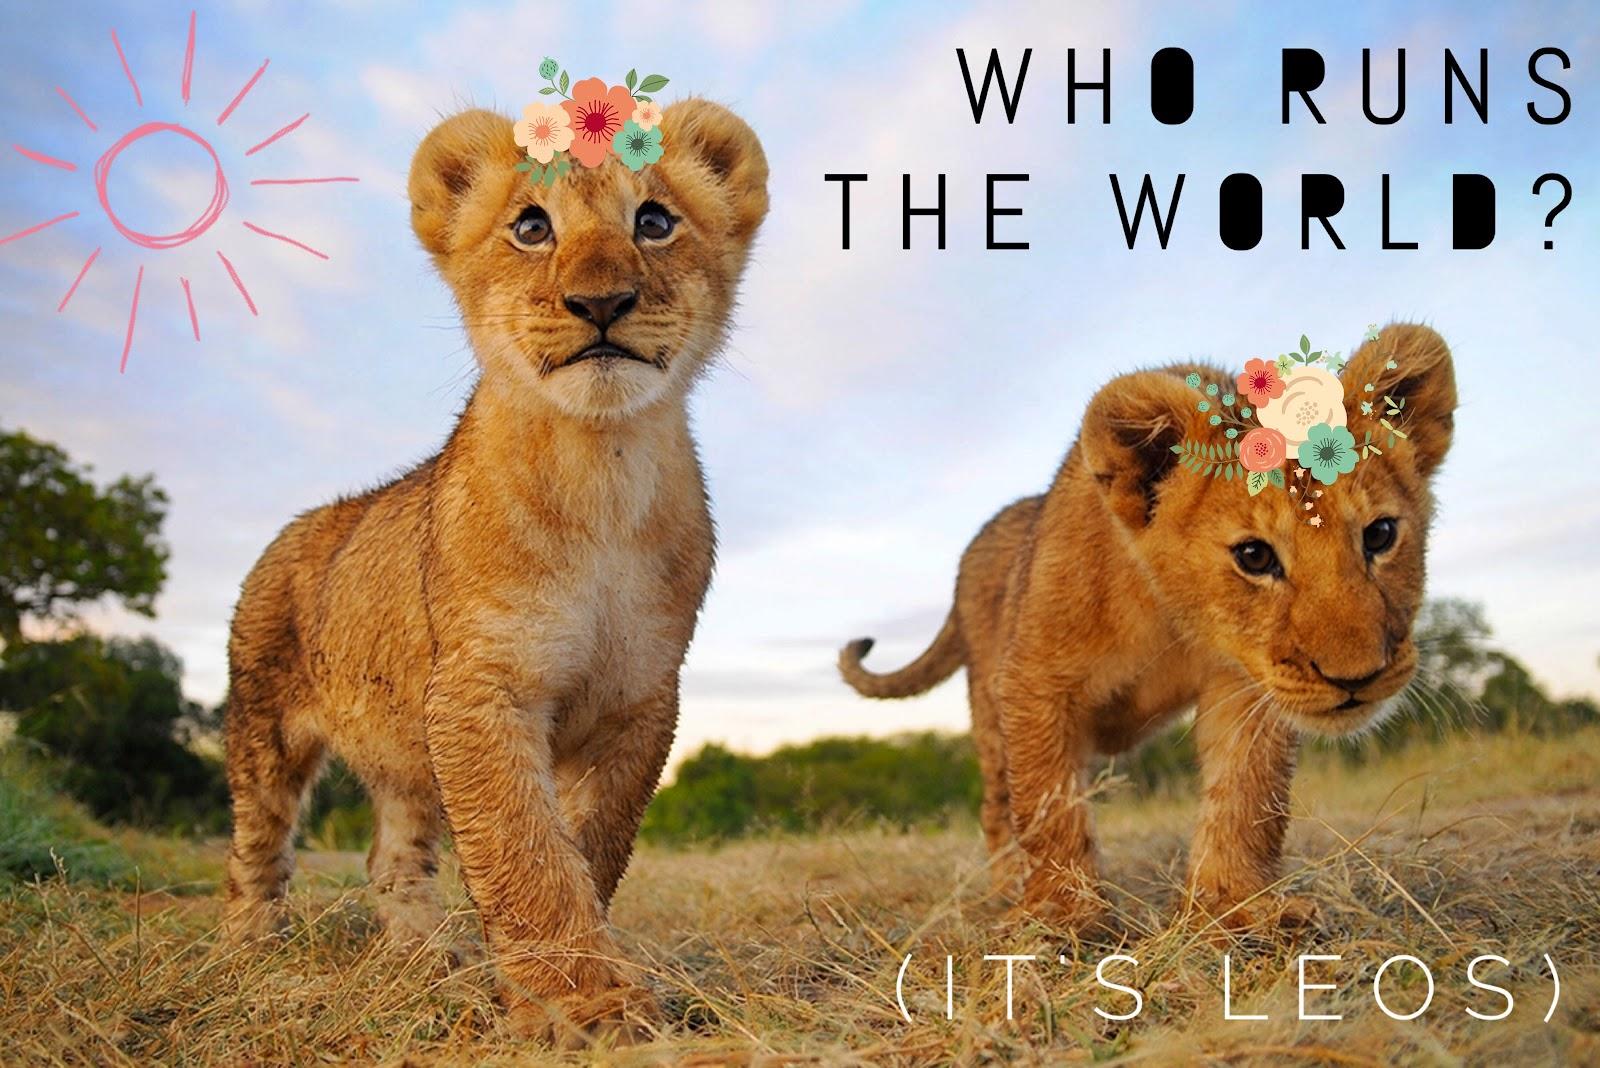 Future Leos. (image credit: Kelsey Skrinde)